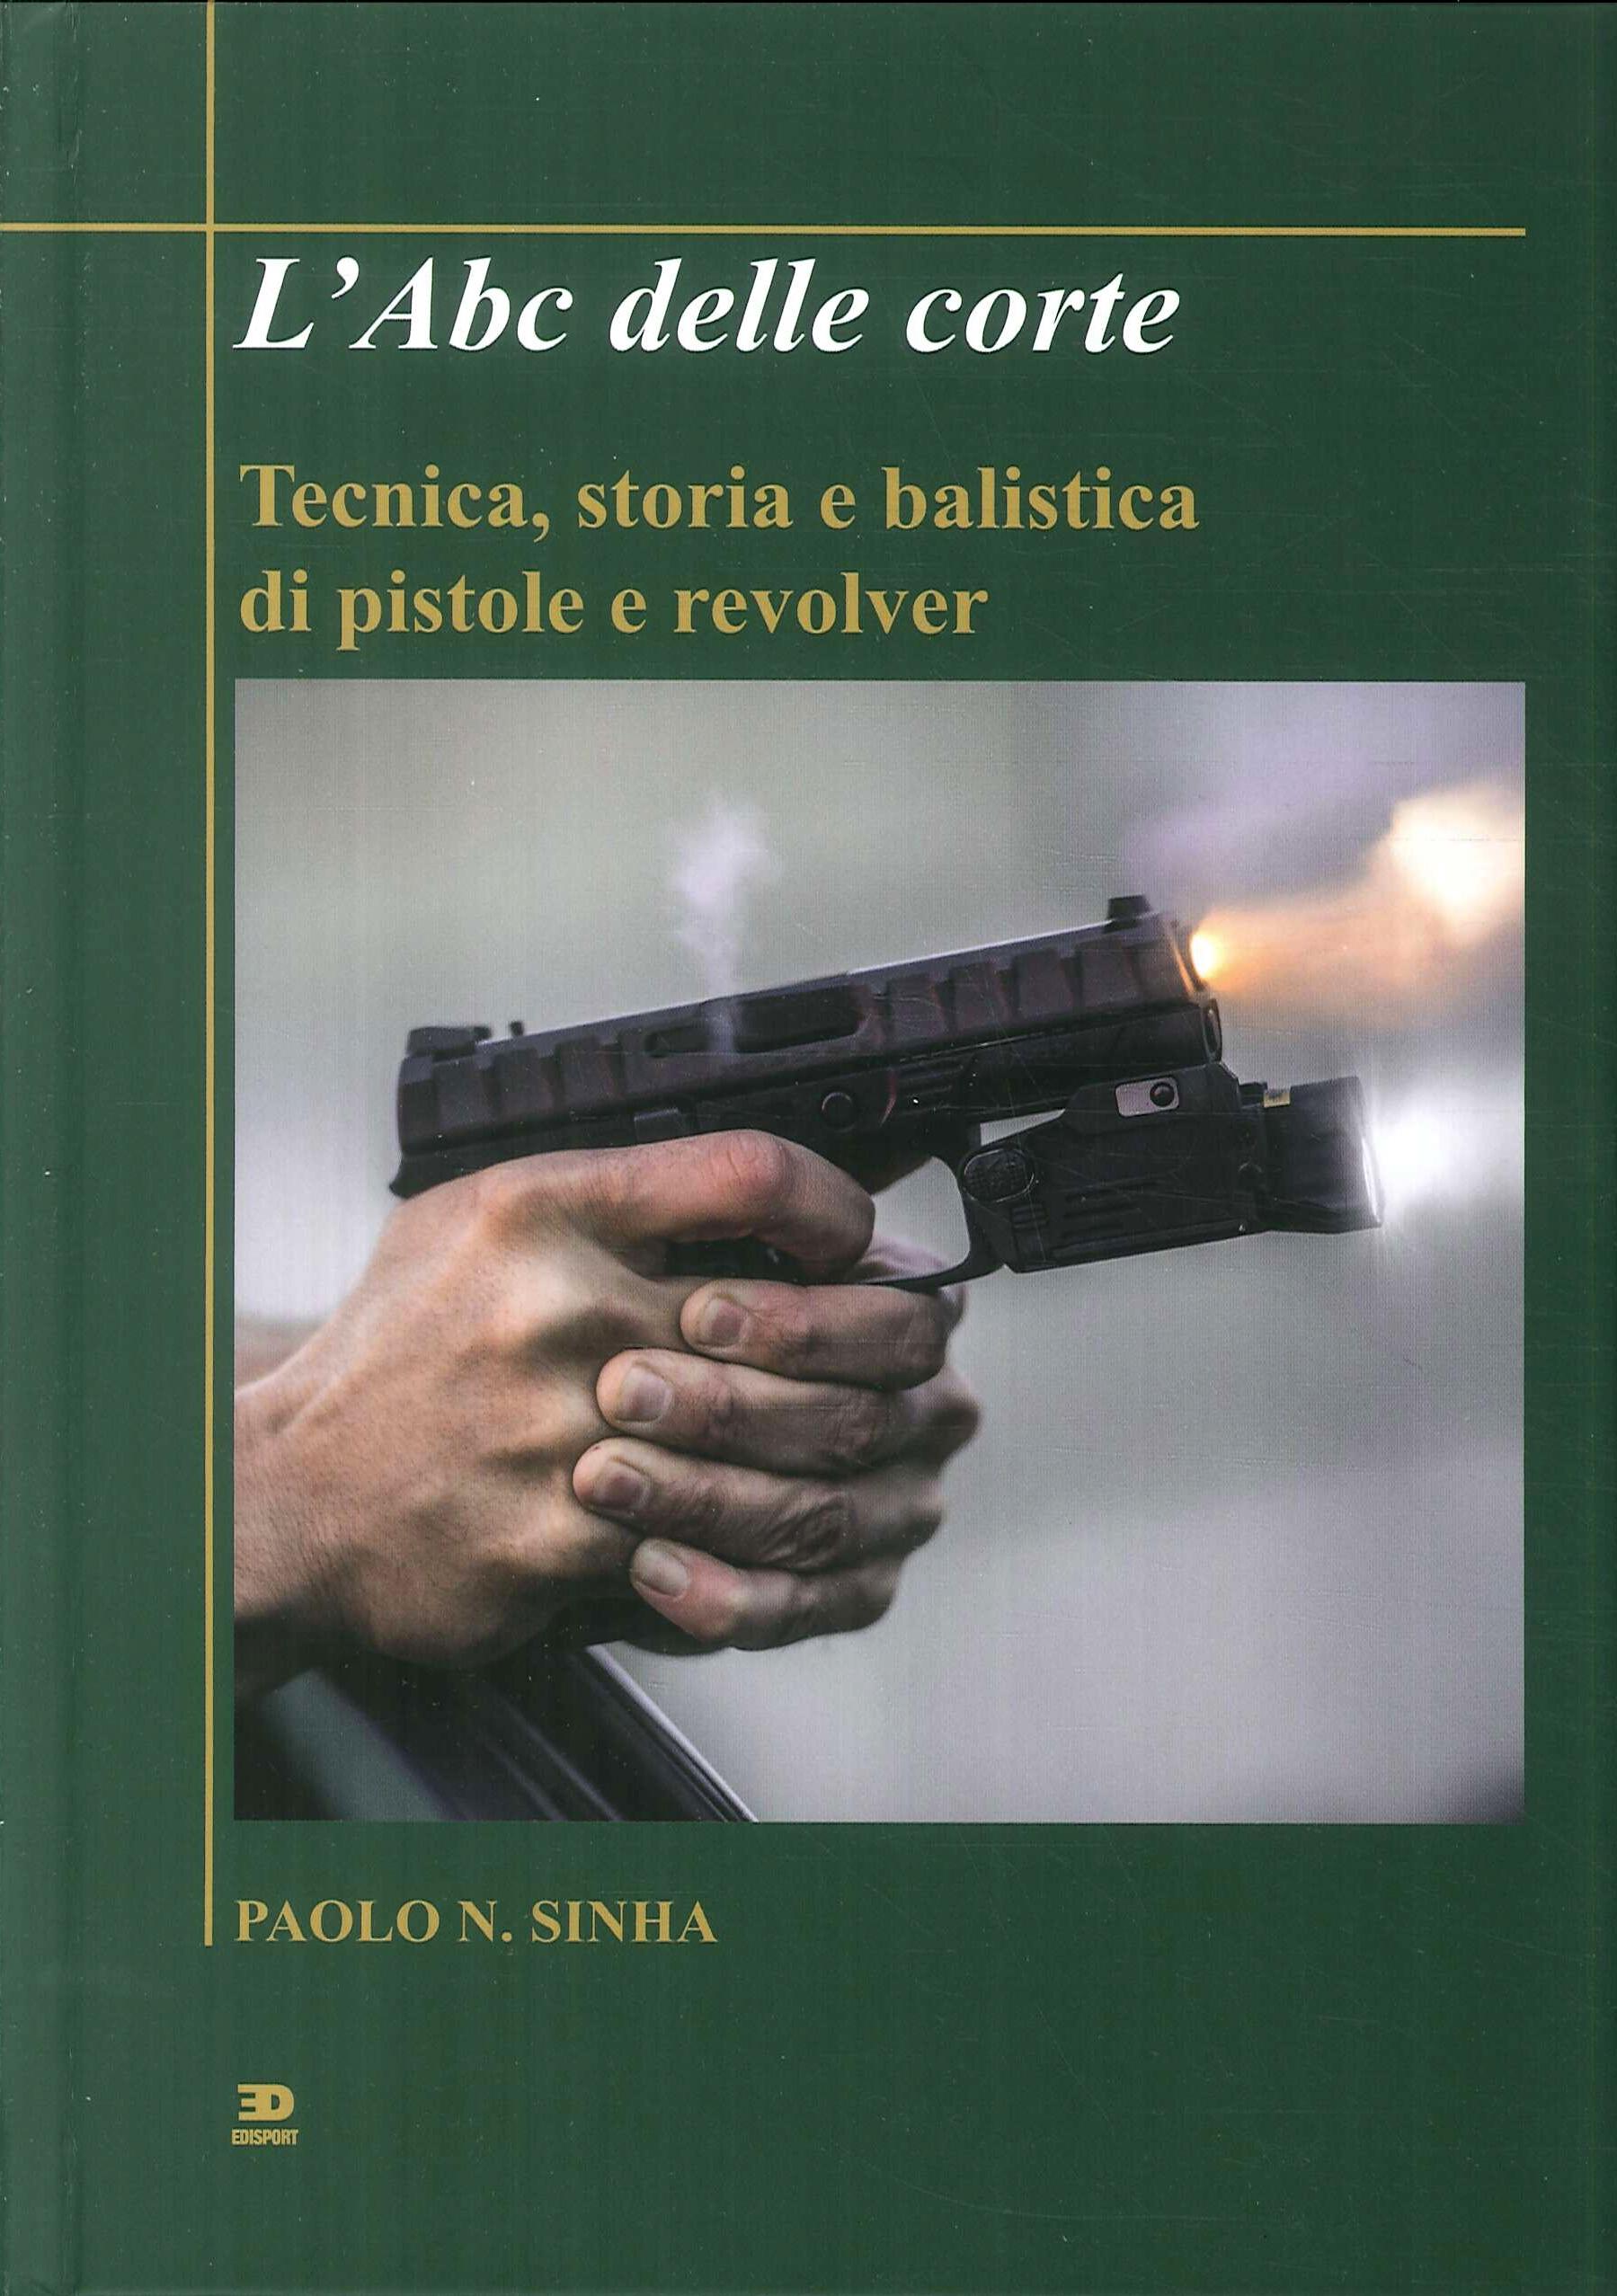 L'Abc delle corte. Tecnica, storia e balistica di pistole e revolver